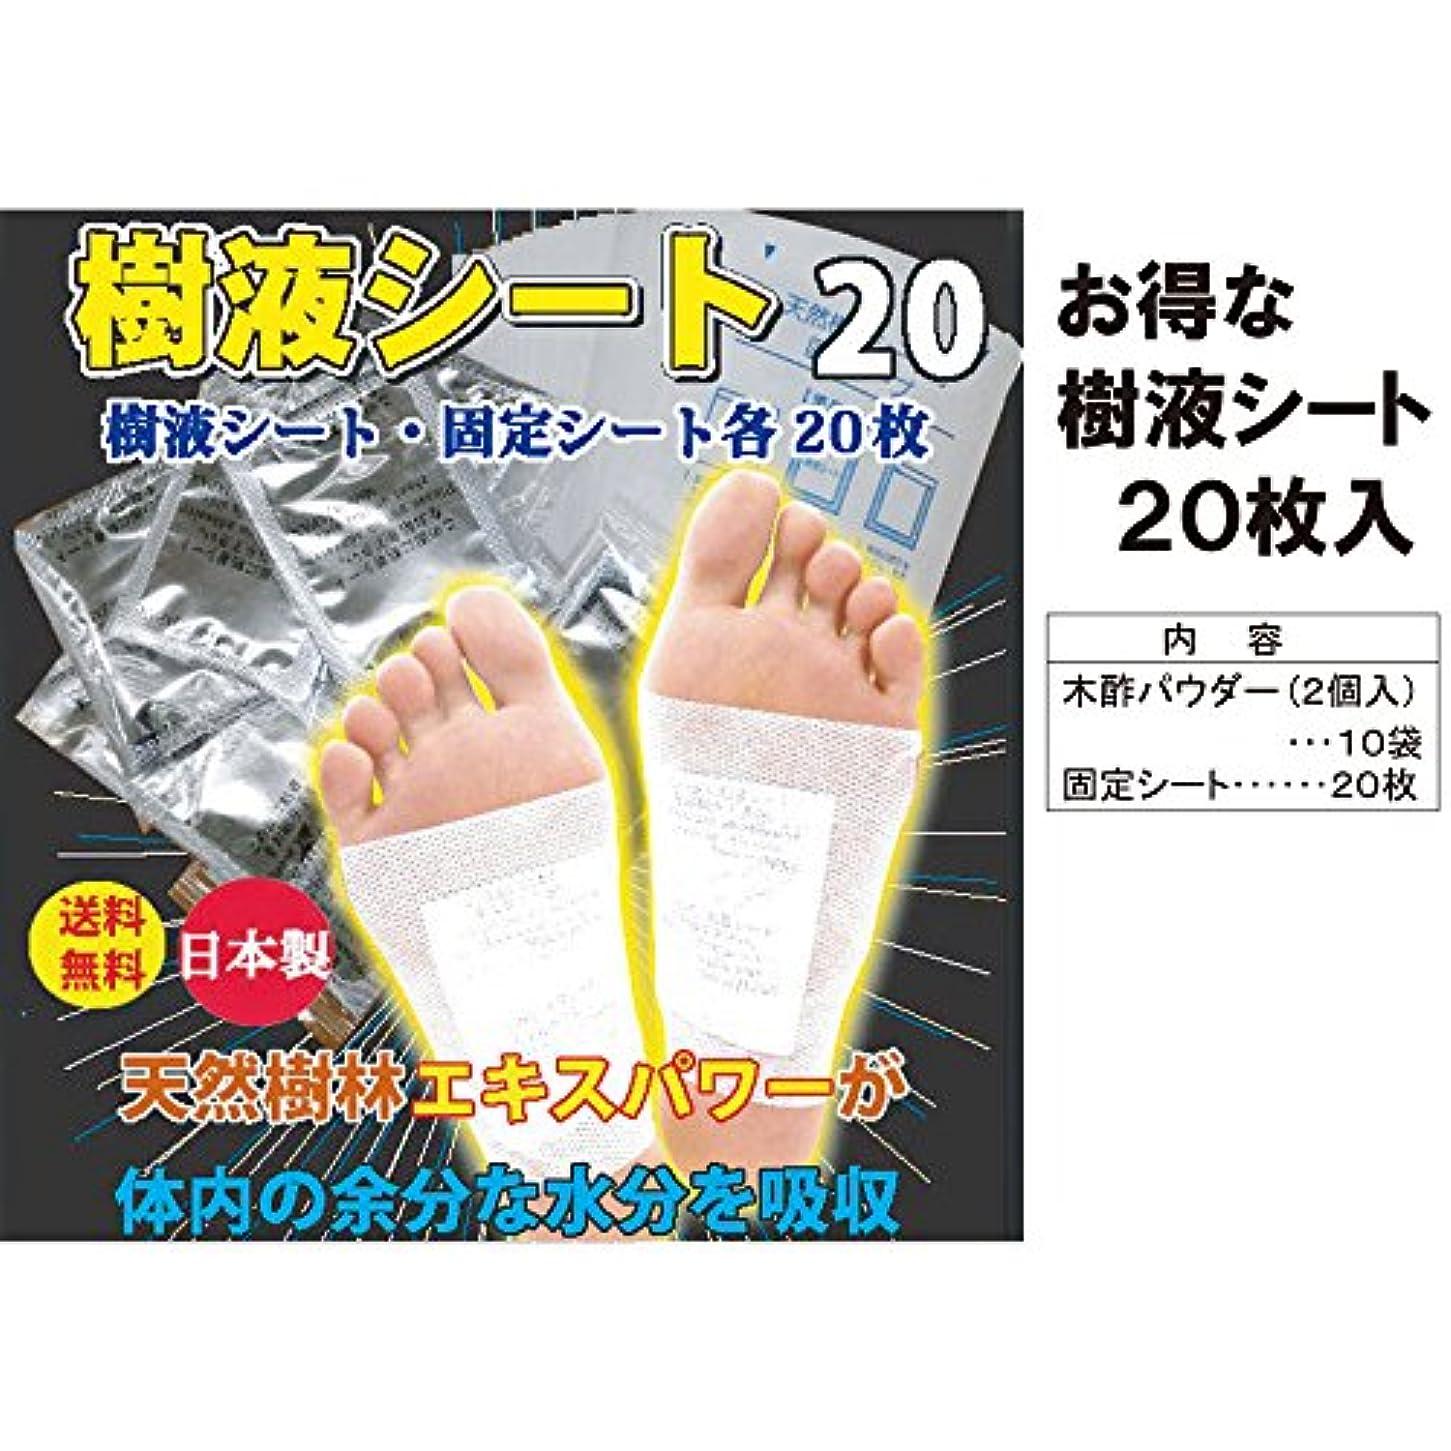 扇動する香水歯車M&Sジャパン 日本製 足裏樹液シート200枚 20枚入り10個セット 足裏 シート お徳用 健康 グッズ 足ツボ